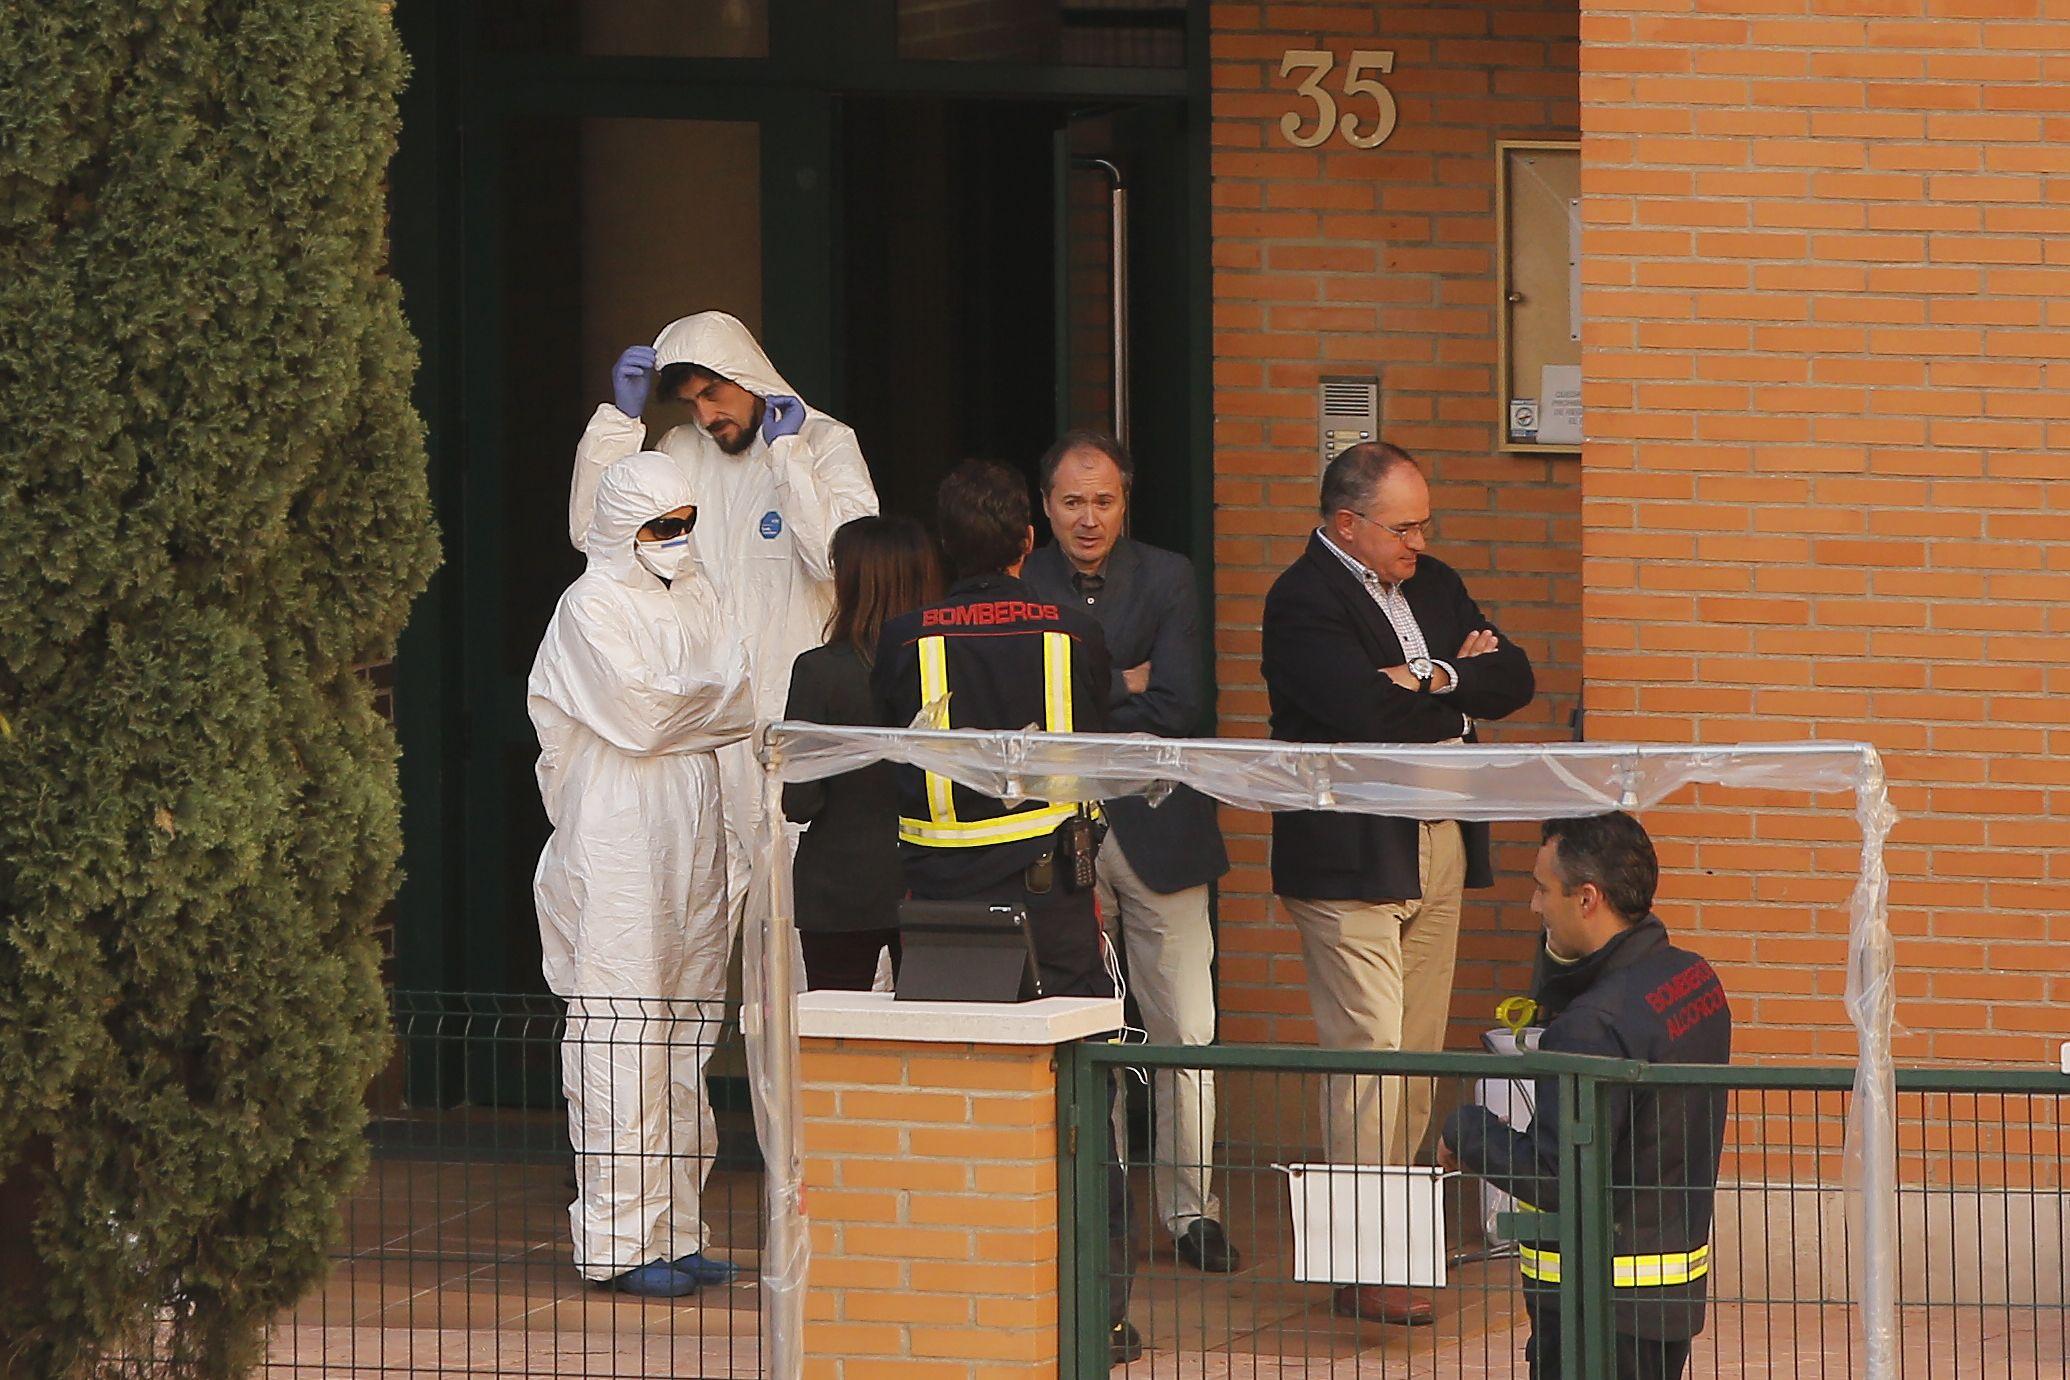 Las autoridades del área de salud de Madrid aclararon que la enfermera había recibido entrenamiento antes de tratar con los pacientes.